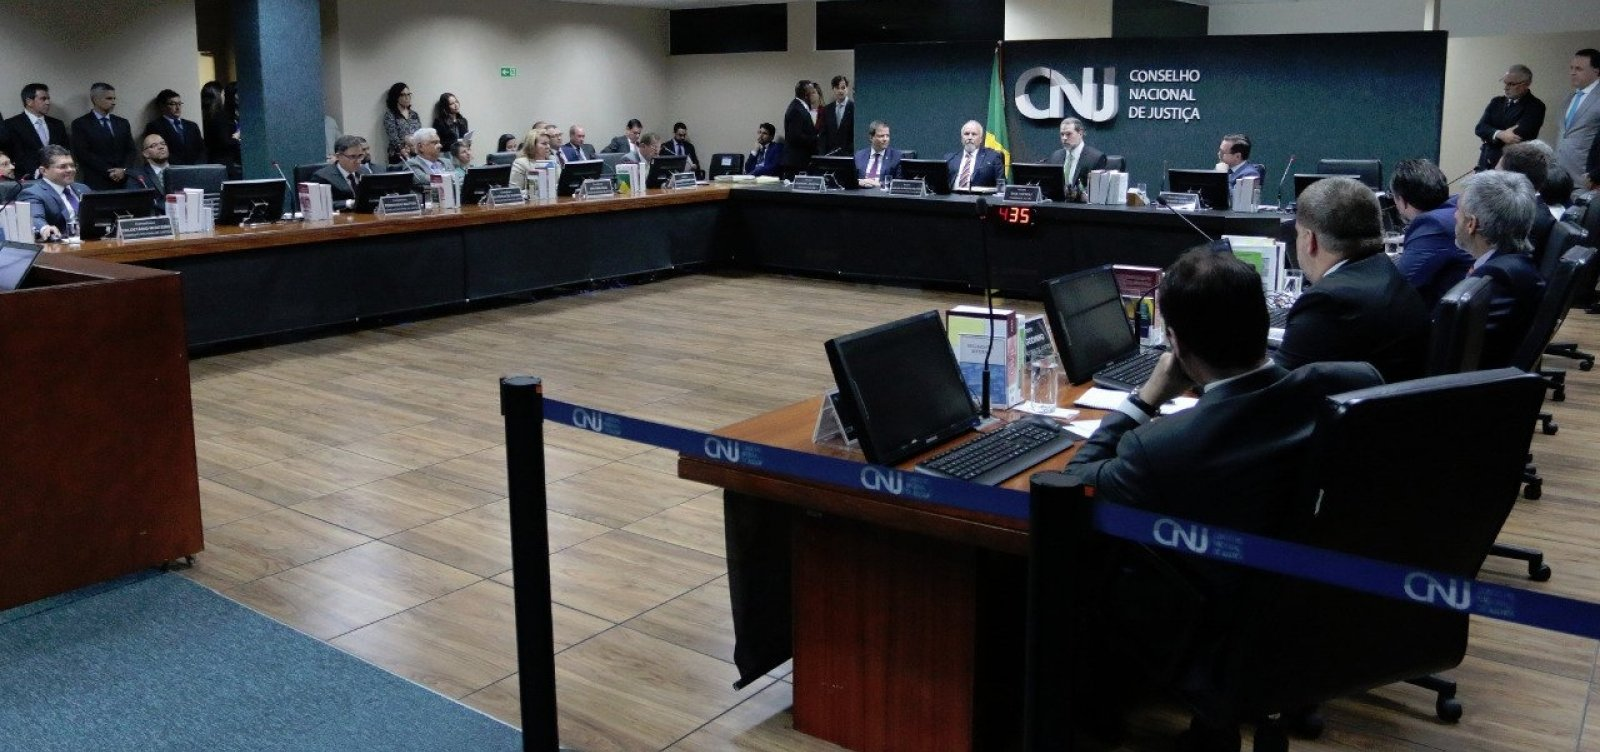 CNJ suspende nomeação de novos desembargadores para o TJ-BA